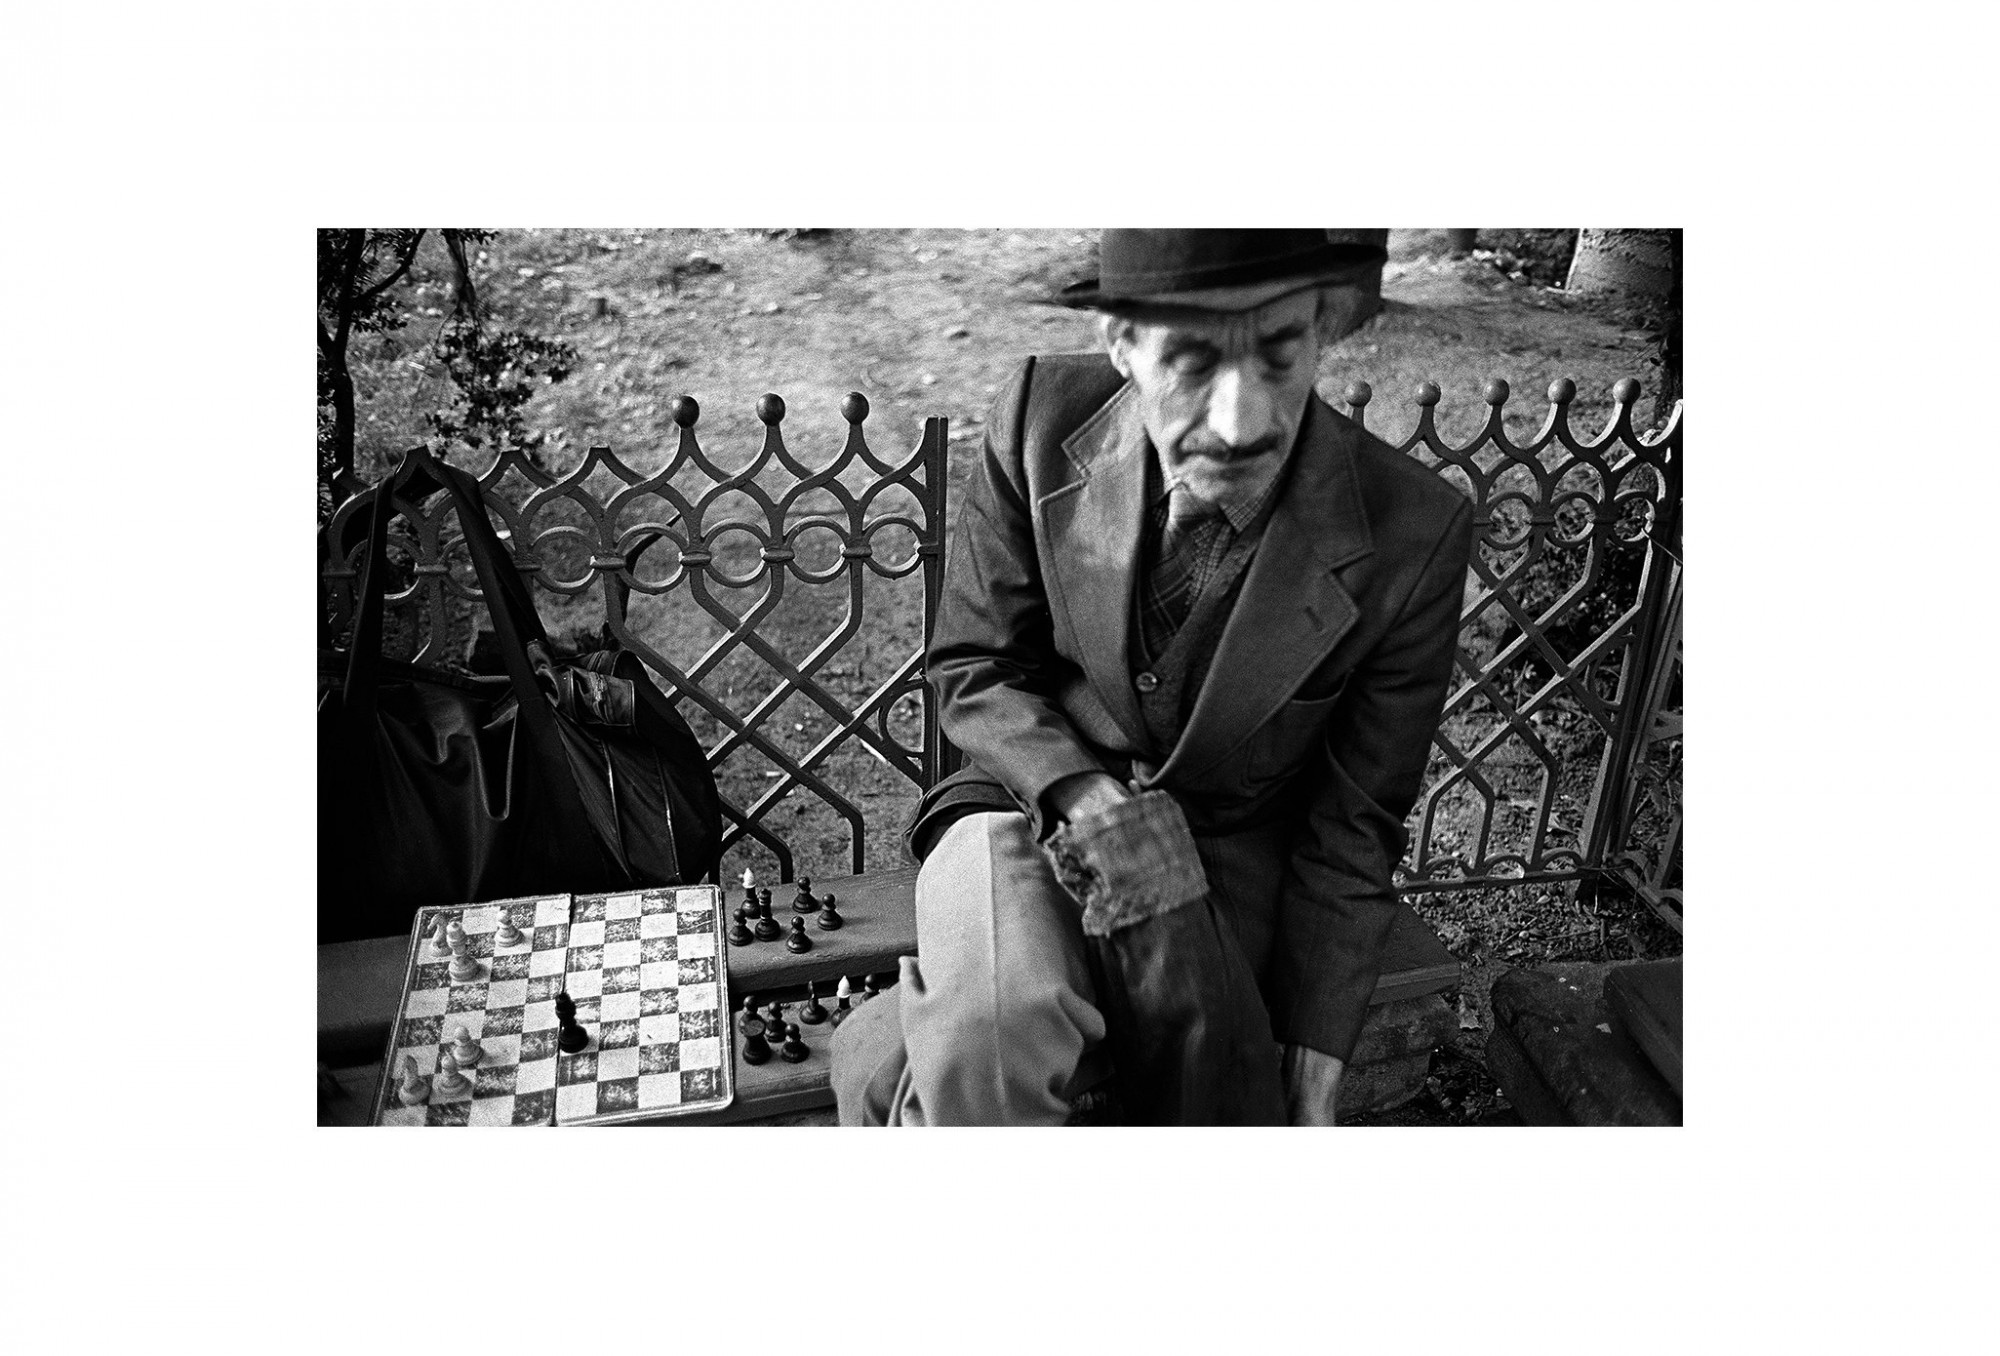 Afbeelding: Fotokunst Dominique Van Huffel, uit de reeks: Waar de sterre bleef stille staan. De schaakspeler, Roemenië.